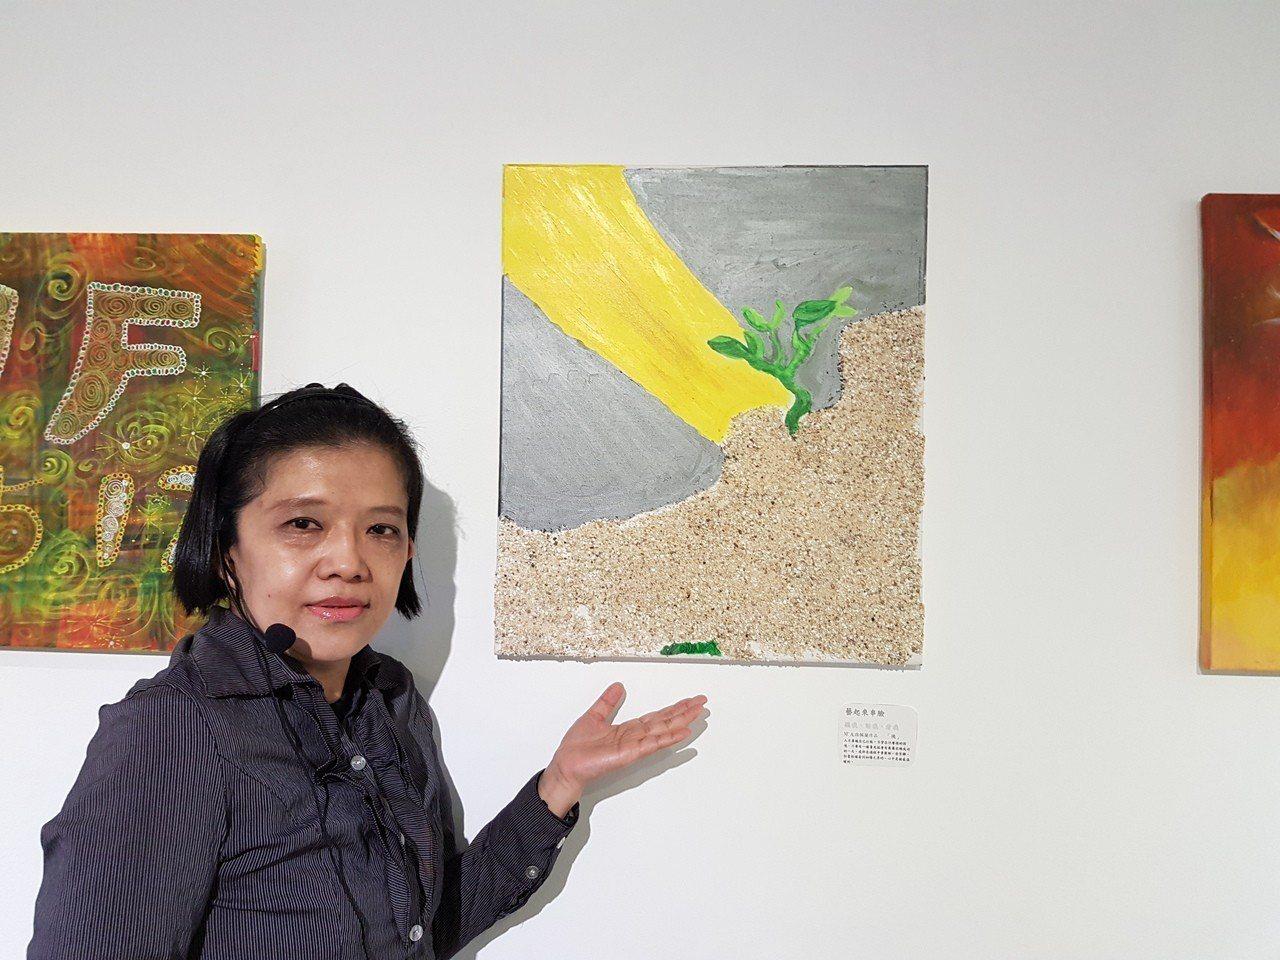 神經纖維瘤患者孫佩蘭展出複合材料畫作「機」,是一株植物奮力從厚重砂石中鑽出迎接黑...